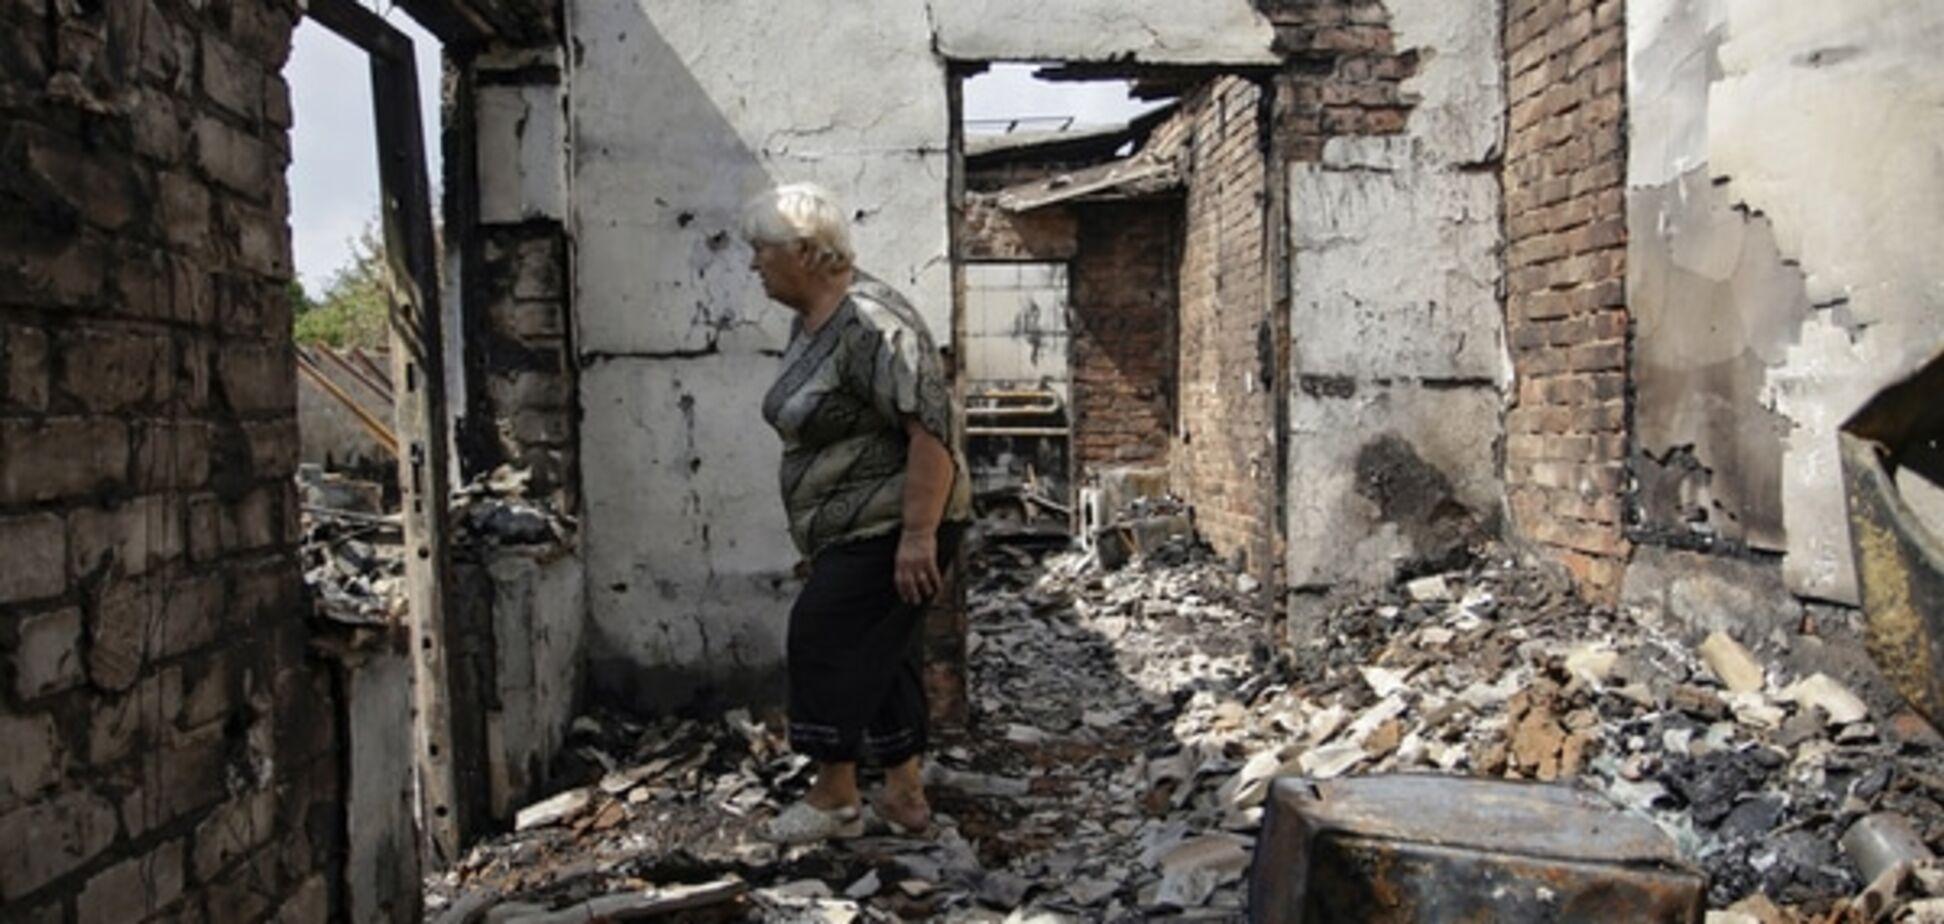 Оккупированный рынок: шокирующие цены на жилье в Донецке